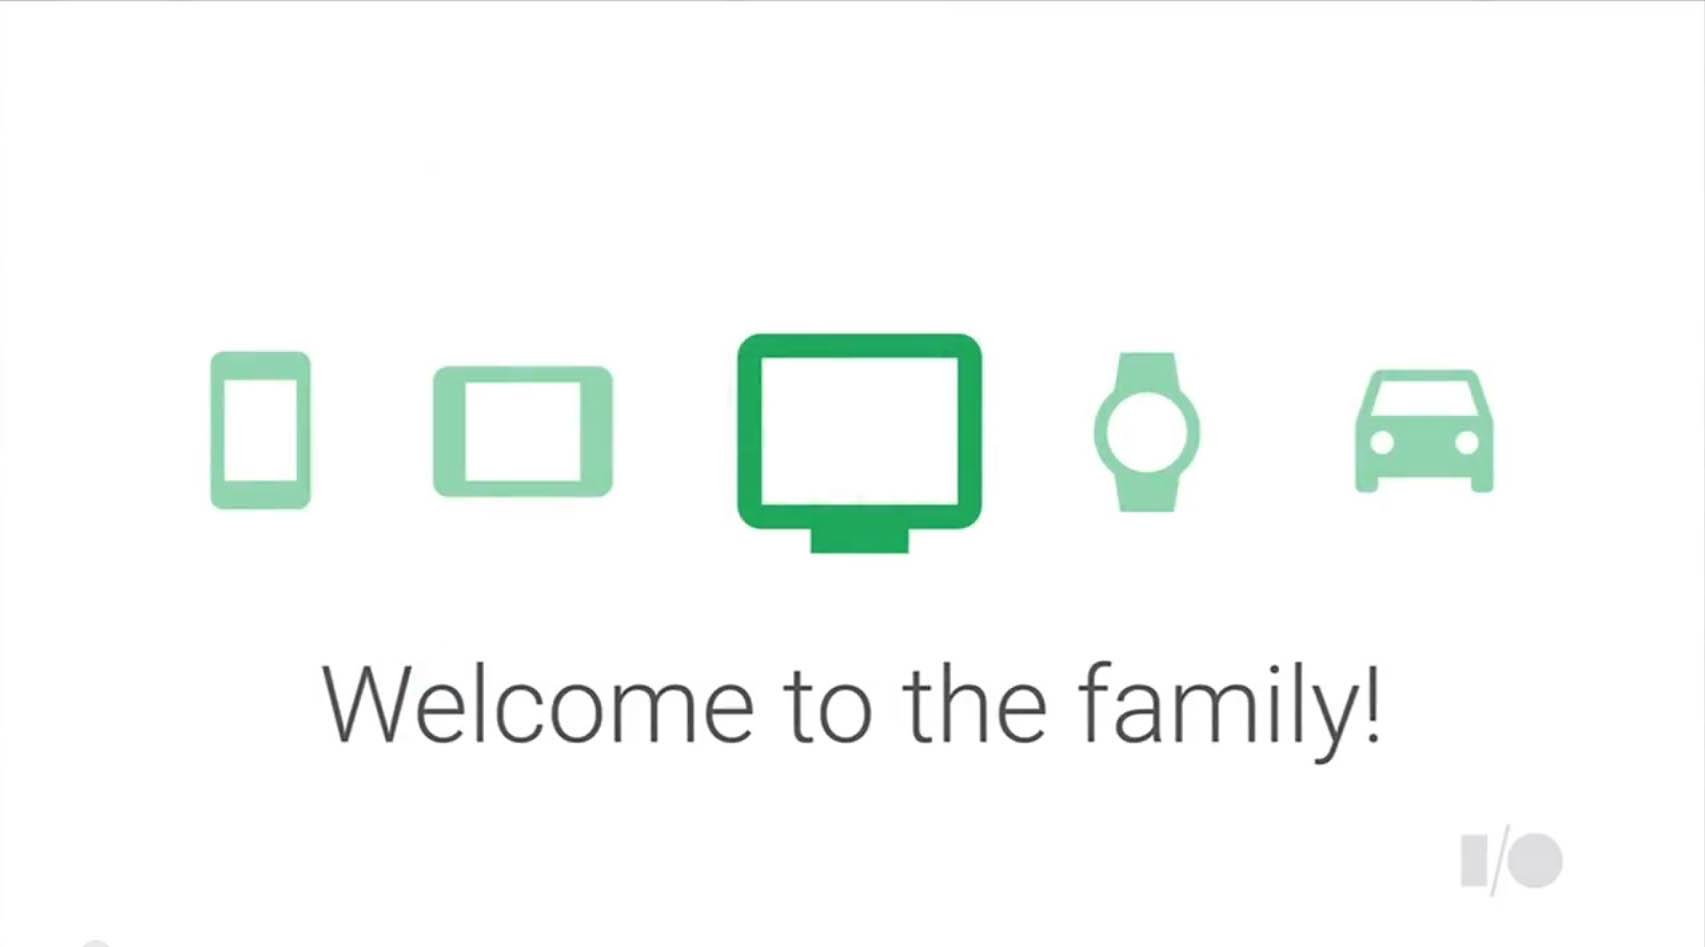 テレビもAndroidファミリーの一つになった、と強調。「Android L」の特徴は、用途拡大とOS基盤統一にある